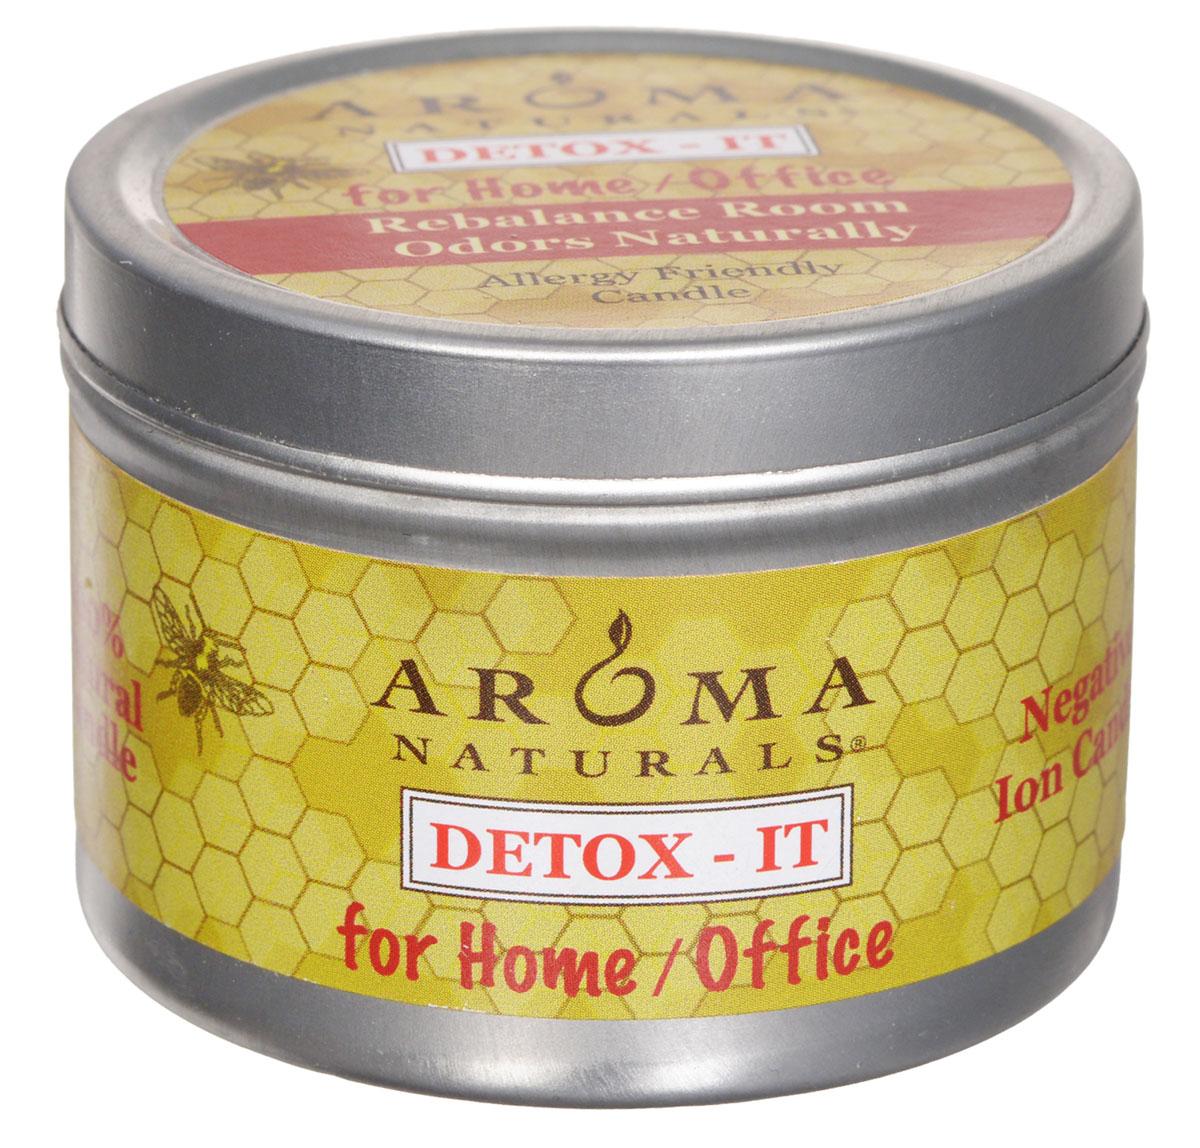 Aroma Naturals Соевая свеча Детокс, 80 г (новый дизайн)AR23501_ новый дизайн